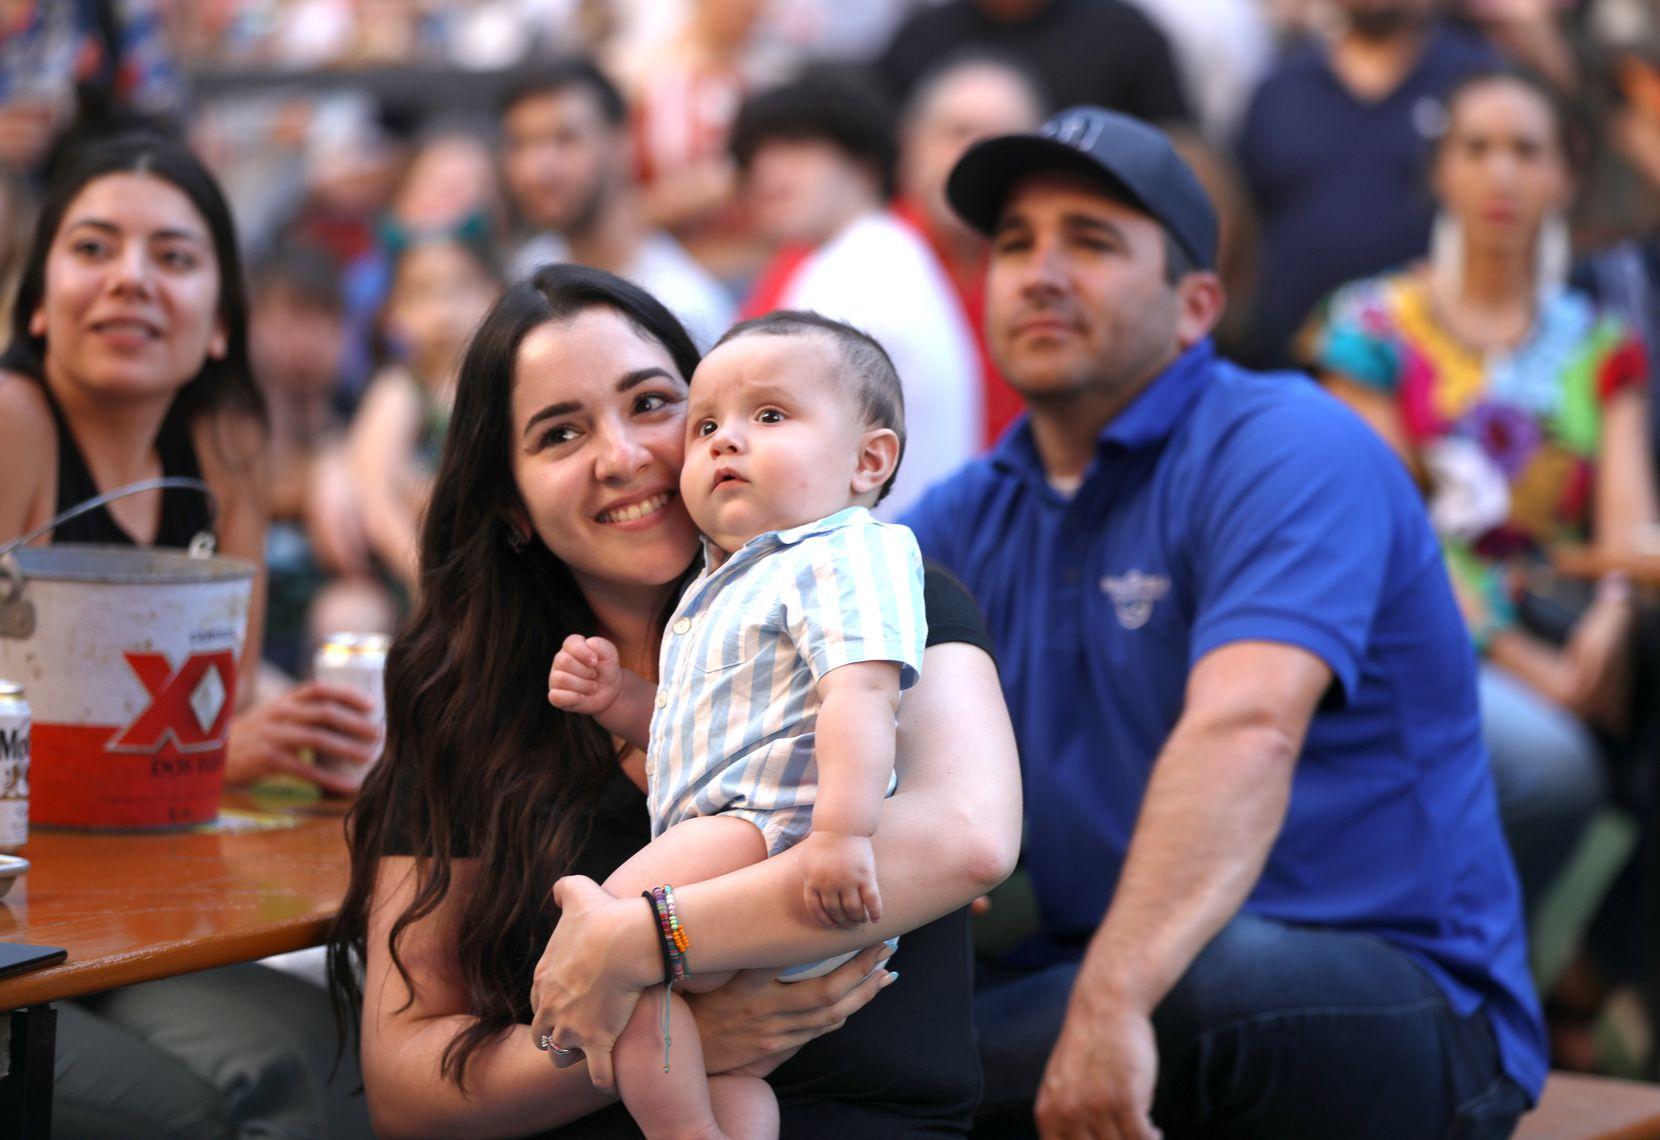 Eugene de la Garza junto a su bebé Rubén, de seis meses de edad, durante la presentación del Mariachi Rosas Divinas en Legacy Hall, en Plano. El Día de las Madres suele ser uno de los principales eventos para los mariachis en el Norte de Texas.